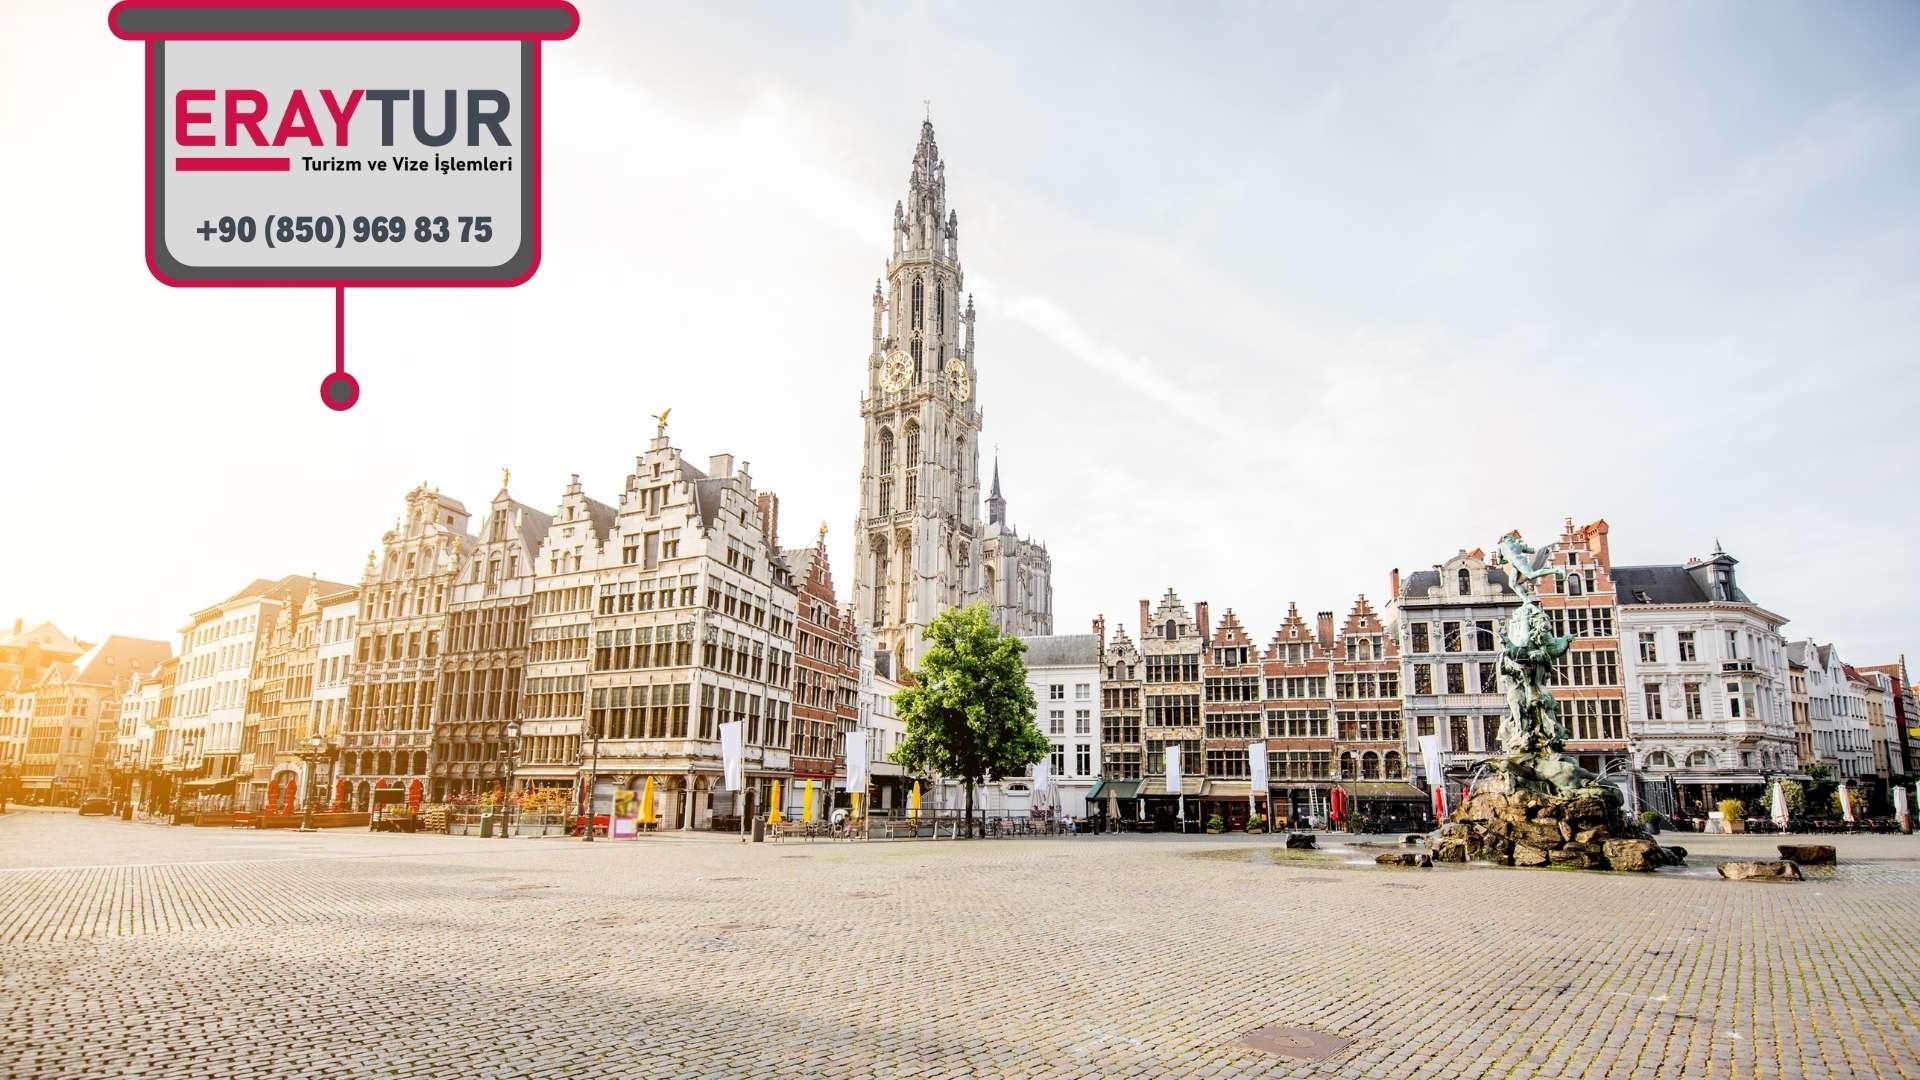 Belçika Turistik Vize İçin Gerekli Evraklar